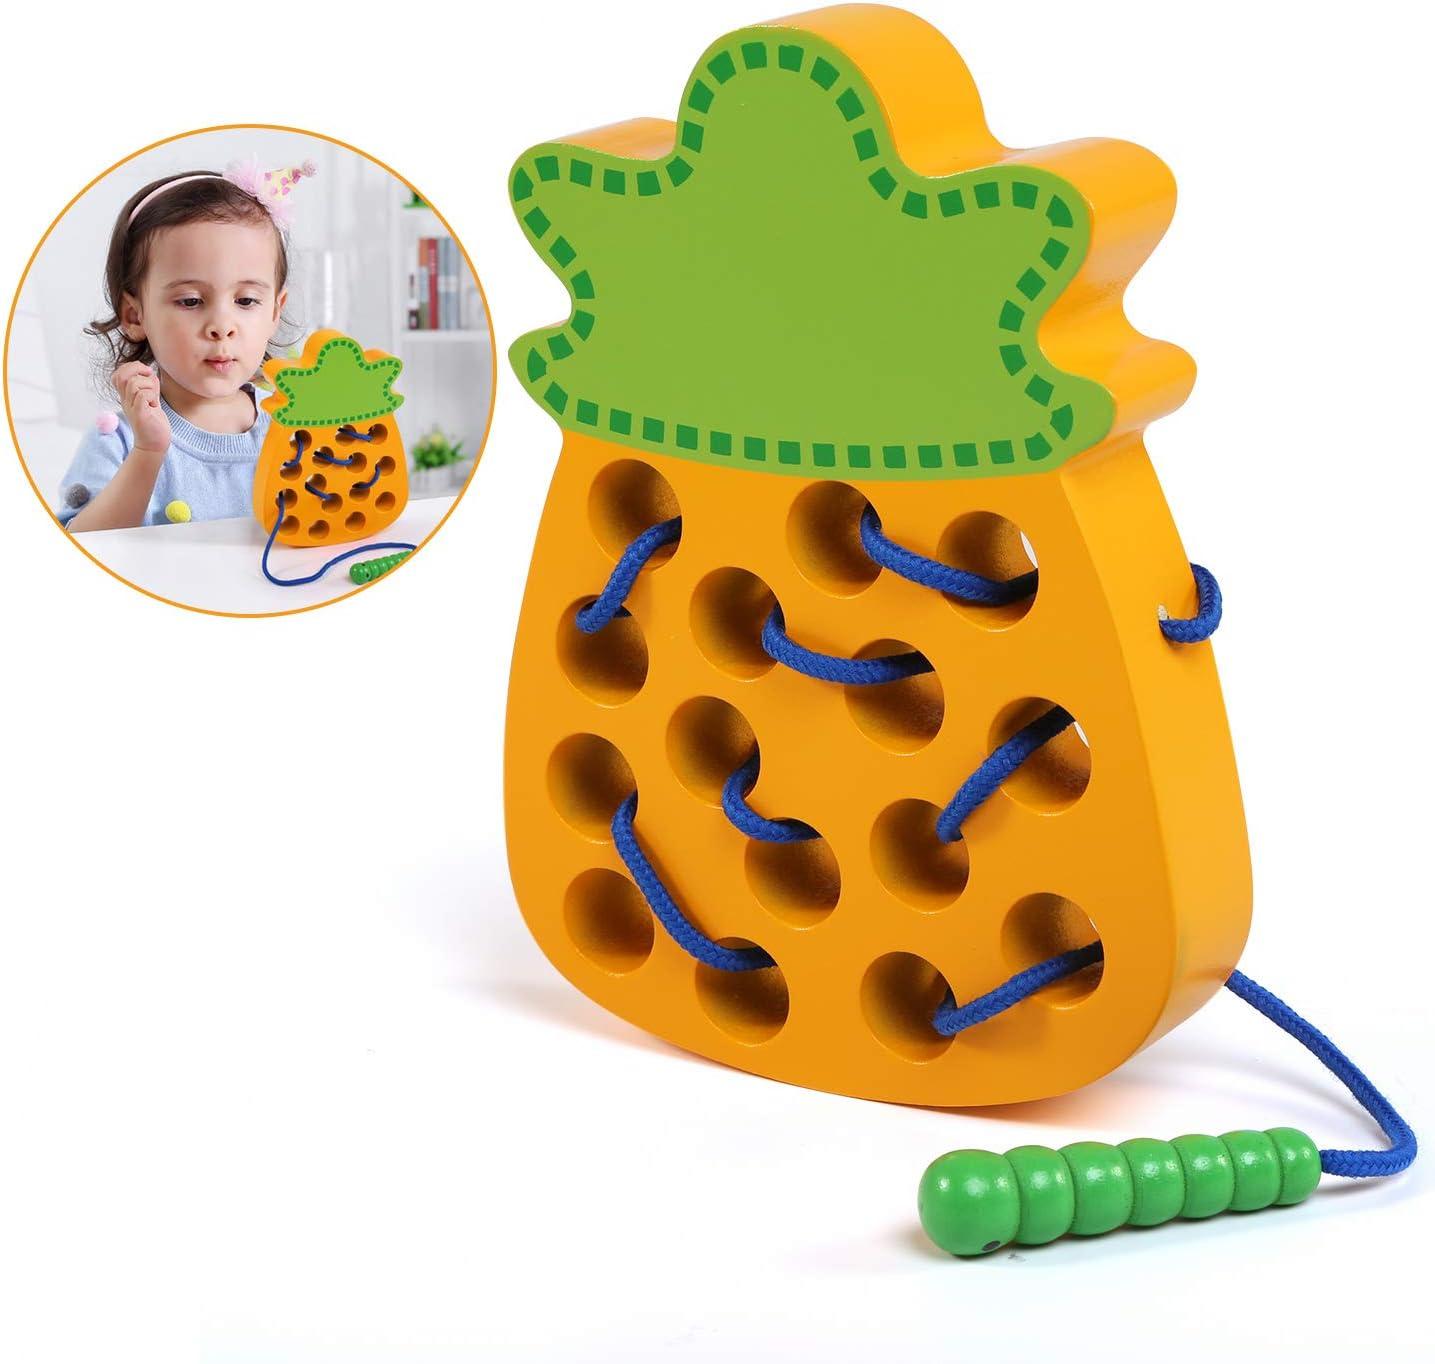 LinStyle Juguetes Montessori, Piña de Madera Juguete de Rosca, Juguetes de Madera para Niños de 3 años, Bloque de Madera Puzzle Desarrollo de Habilidades Motoras Juego Regalo Educativo Montessori